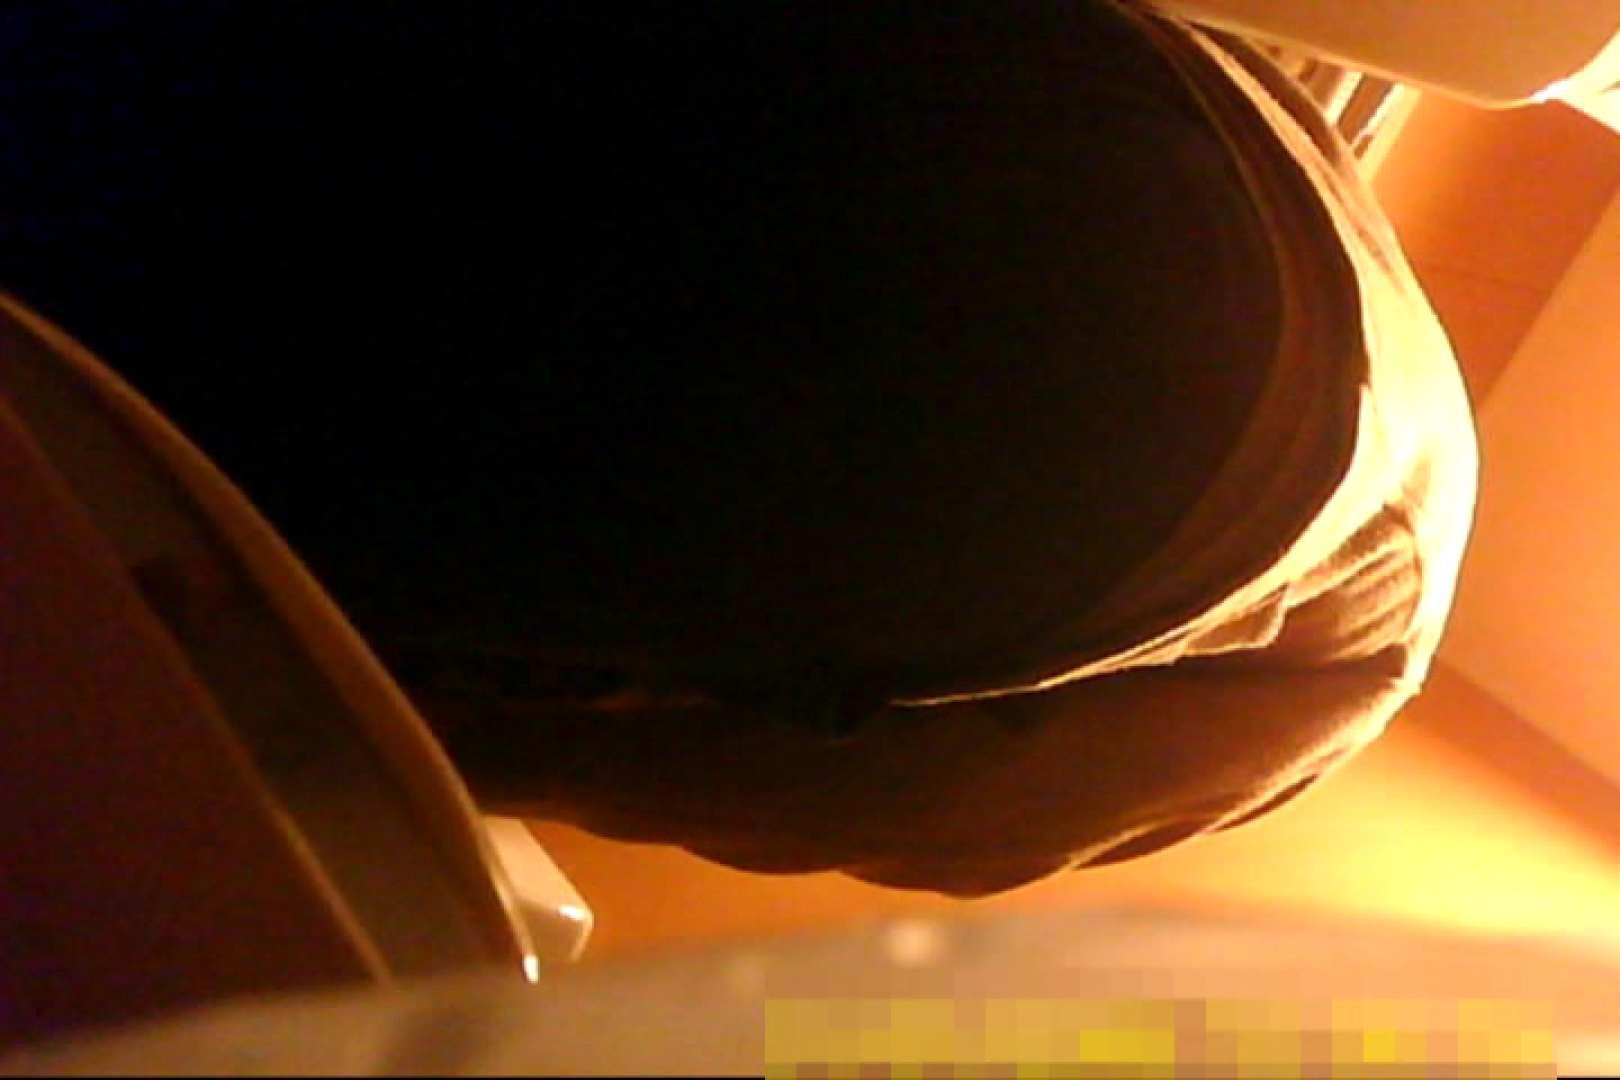 魅惑の化粧室~禁断のプライベート空間~vol.6 洗面所 オマンコ無修正動画無料 56pic 8